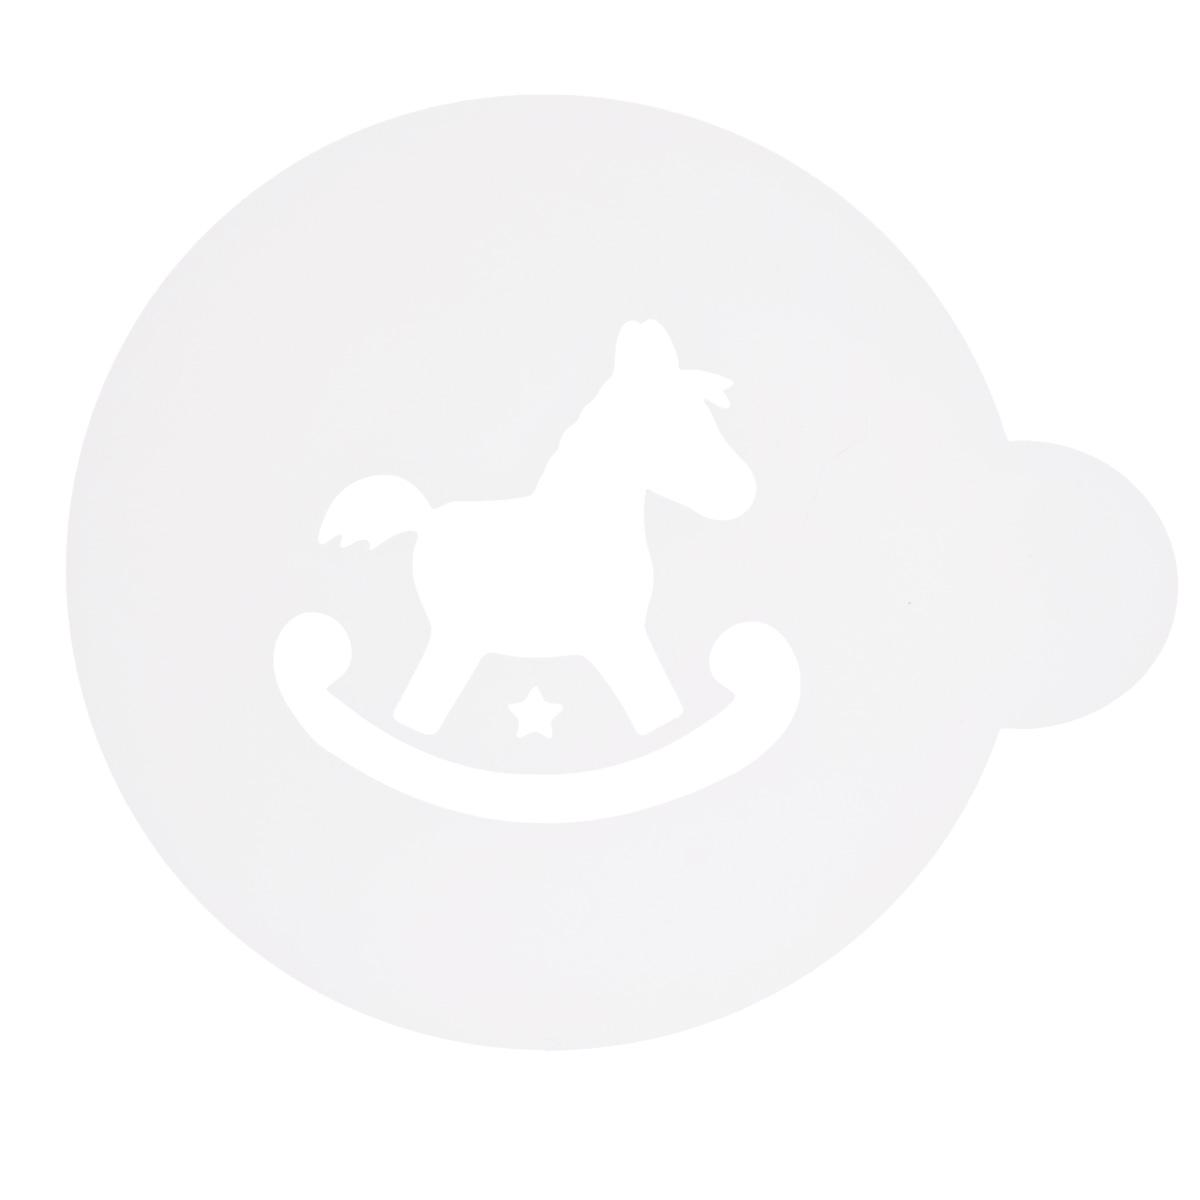 Трафарет на кофе и десерты Леденцовая фабрика Лошадка, диаметр 10 см68/5/3Трафарет представляет собой пластину с прорезями, через которые пищевая краска (сахарная пудра, какао, шоколад, сливки, корица, дробленый орех) наносится на поверхность кофе, молочных коктейлей, десертов. Трафарет изготовлен из матового пищевого пластика 250 мкм и пригоден для контакта с пищевыми продуктами. Трафарет многоразовый. Побалуйте себя и ваших близких красиво оформленным кофе.